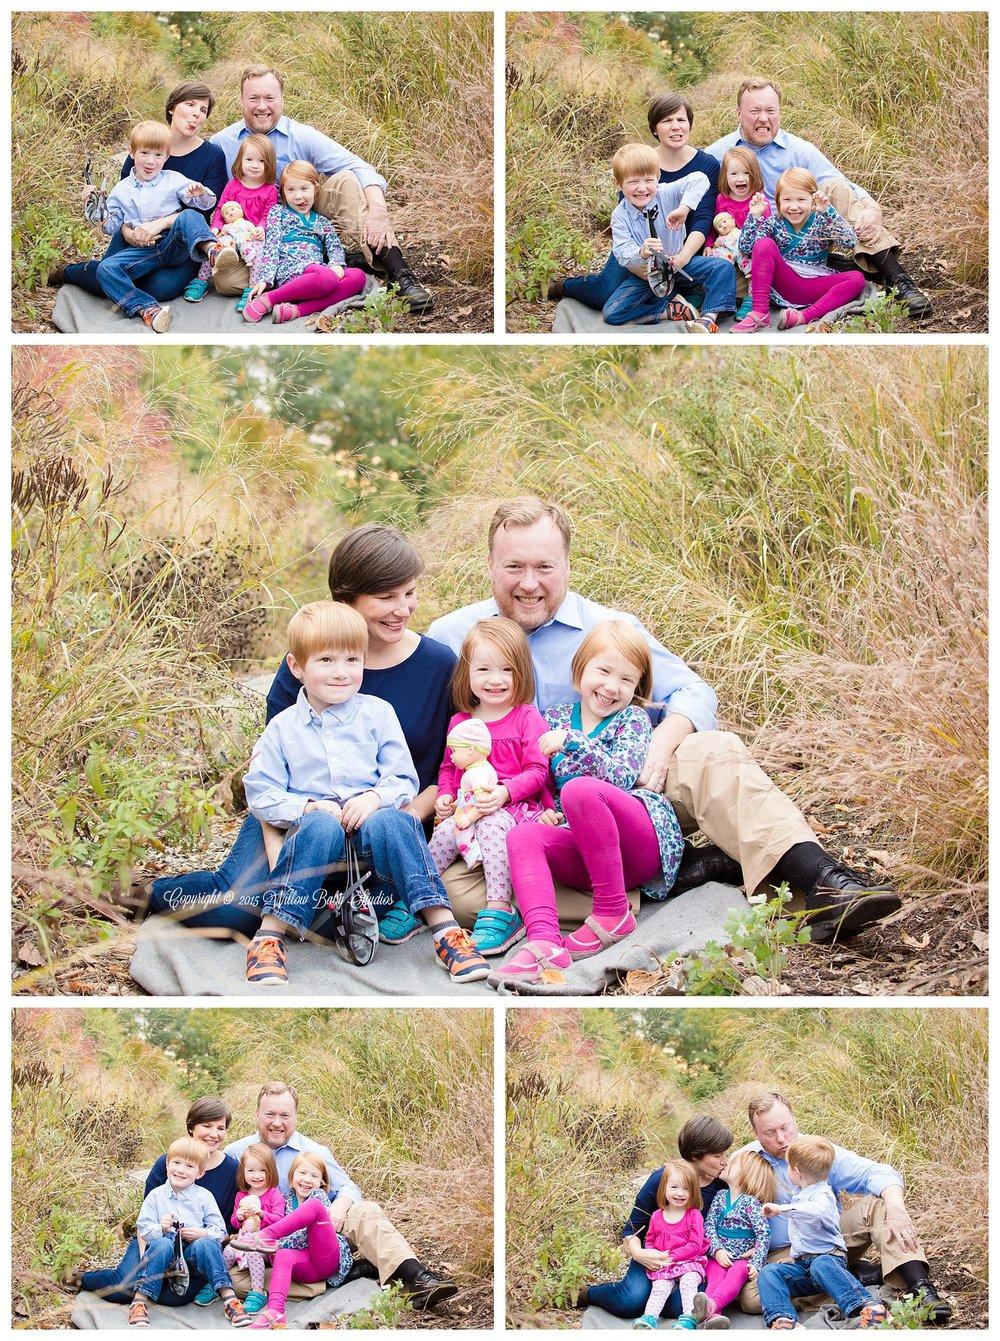 arlington_ma_family_photography-01A